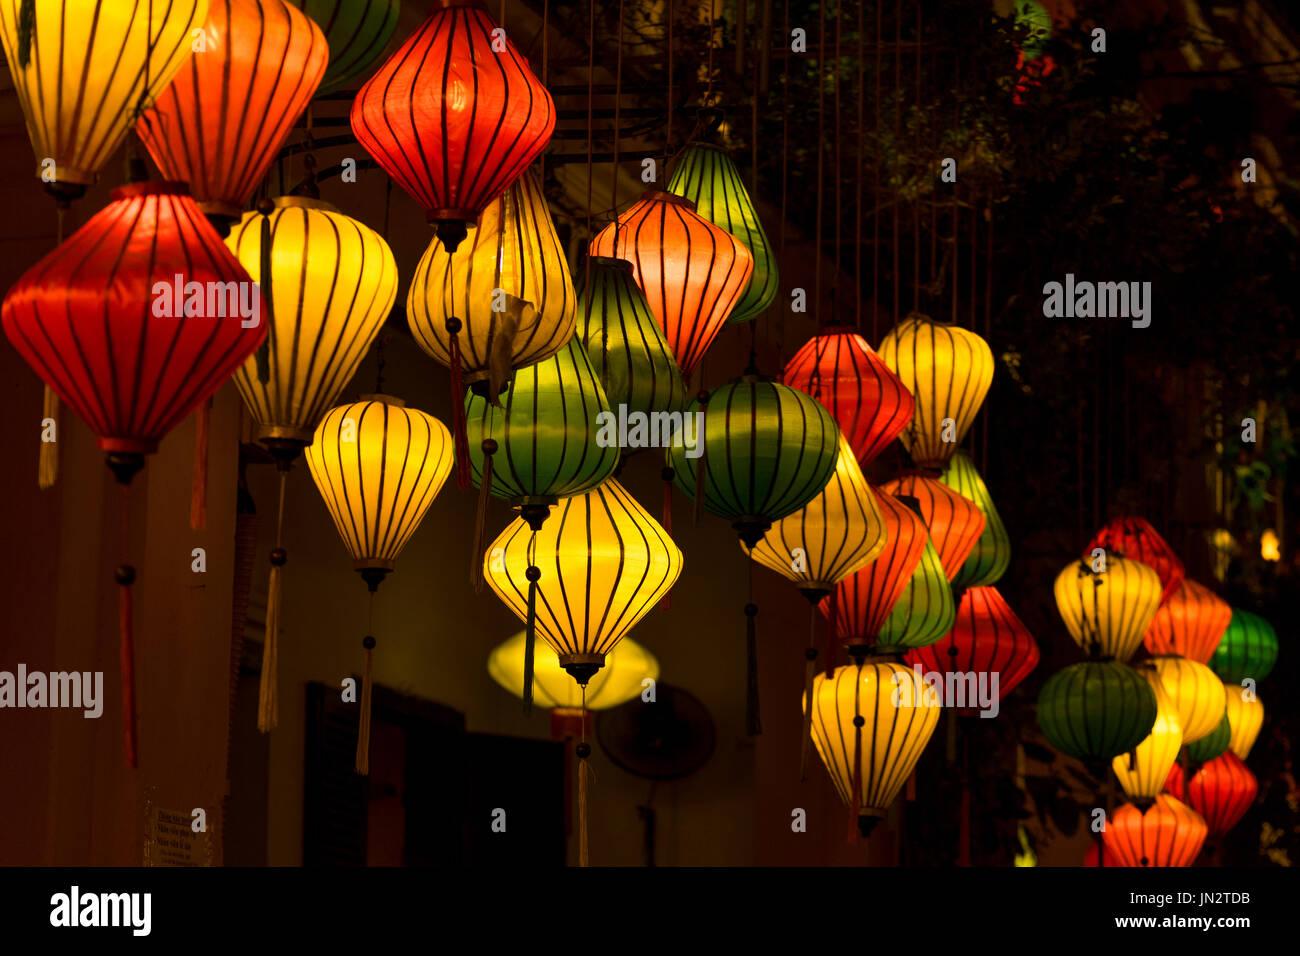 Linternas de seda multicolores brillando en la noche en Hoi An, Vietnam, conocido por sus diseños de linterna Imagen De Stock